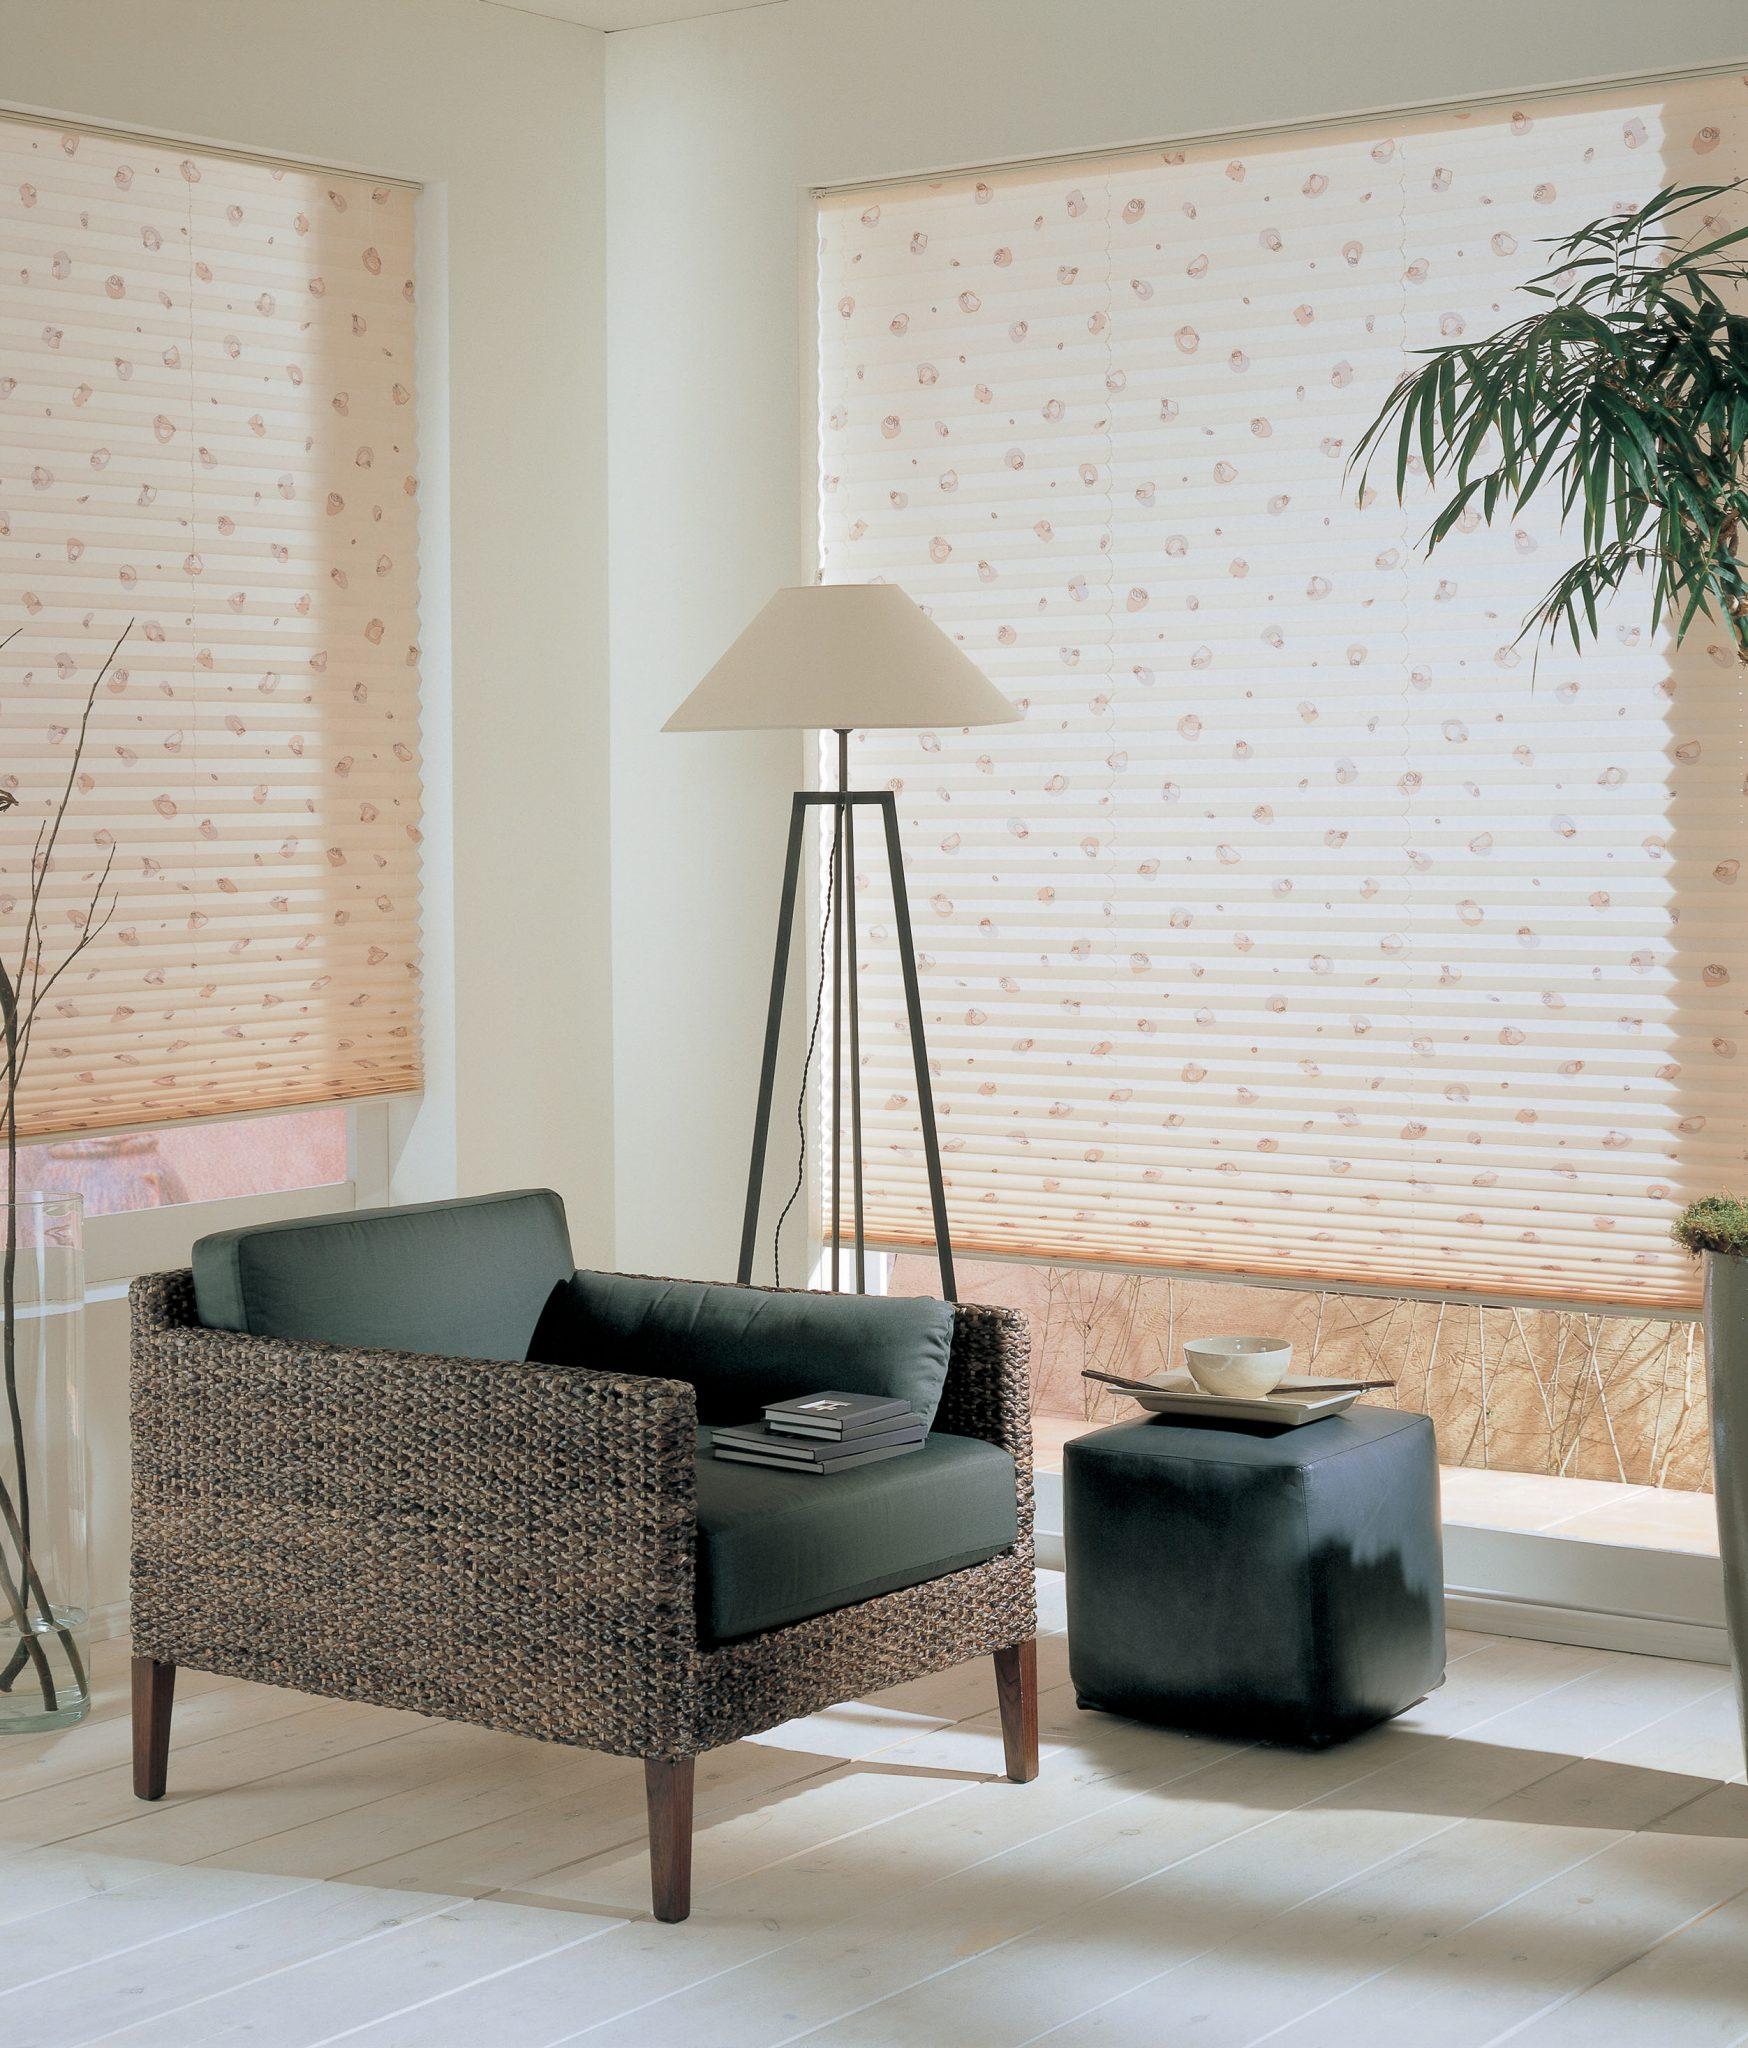 Plissé žaluzie nemusí být jen jednobarevné. Díky vzoru se stanou moderním designovým prvkem.